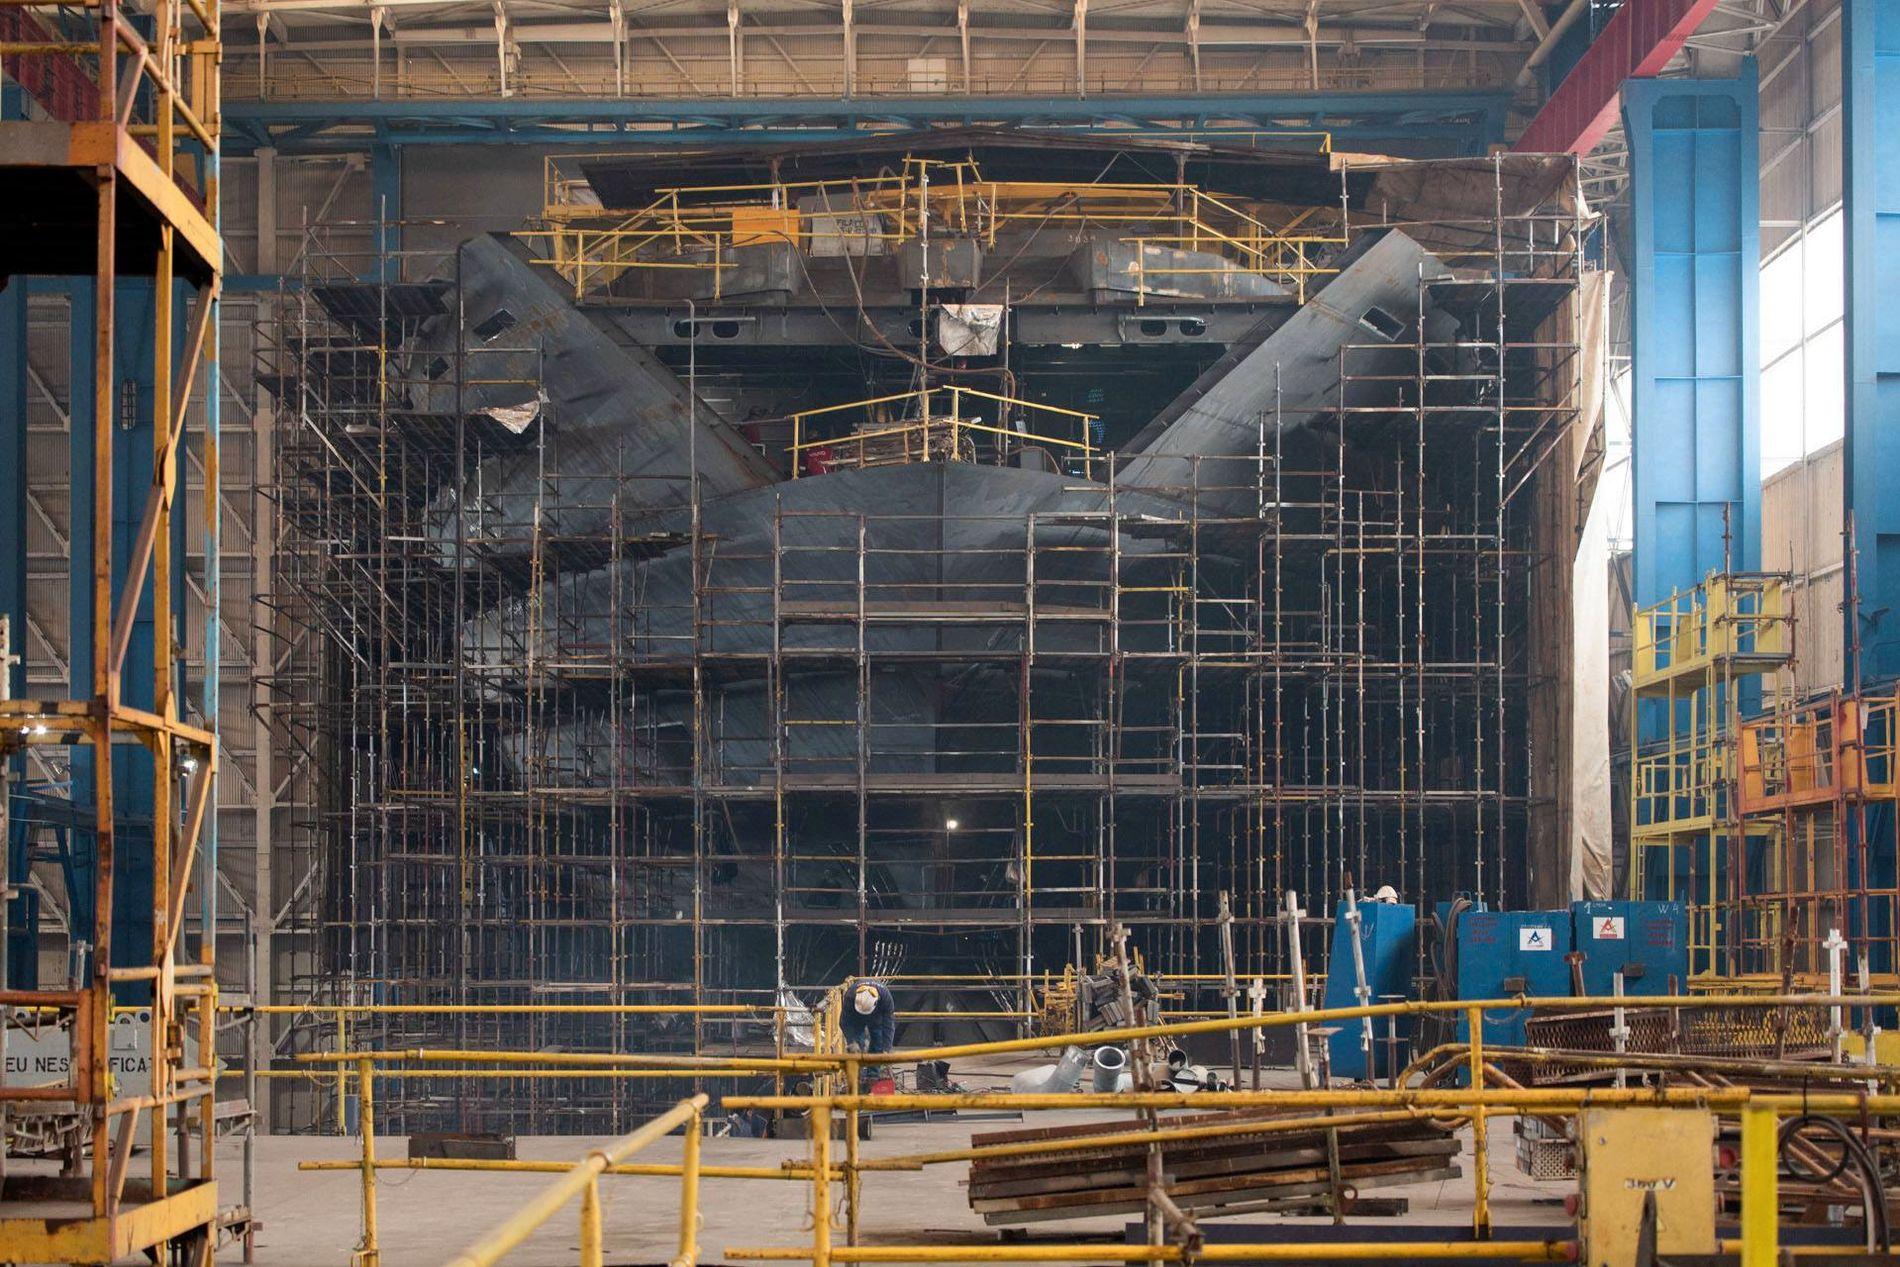 VERDENS LENGSTE: Skipet «REV» blir verdens lengste yacht med sine 182,9 meter.